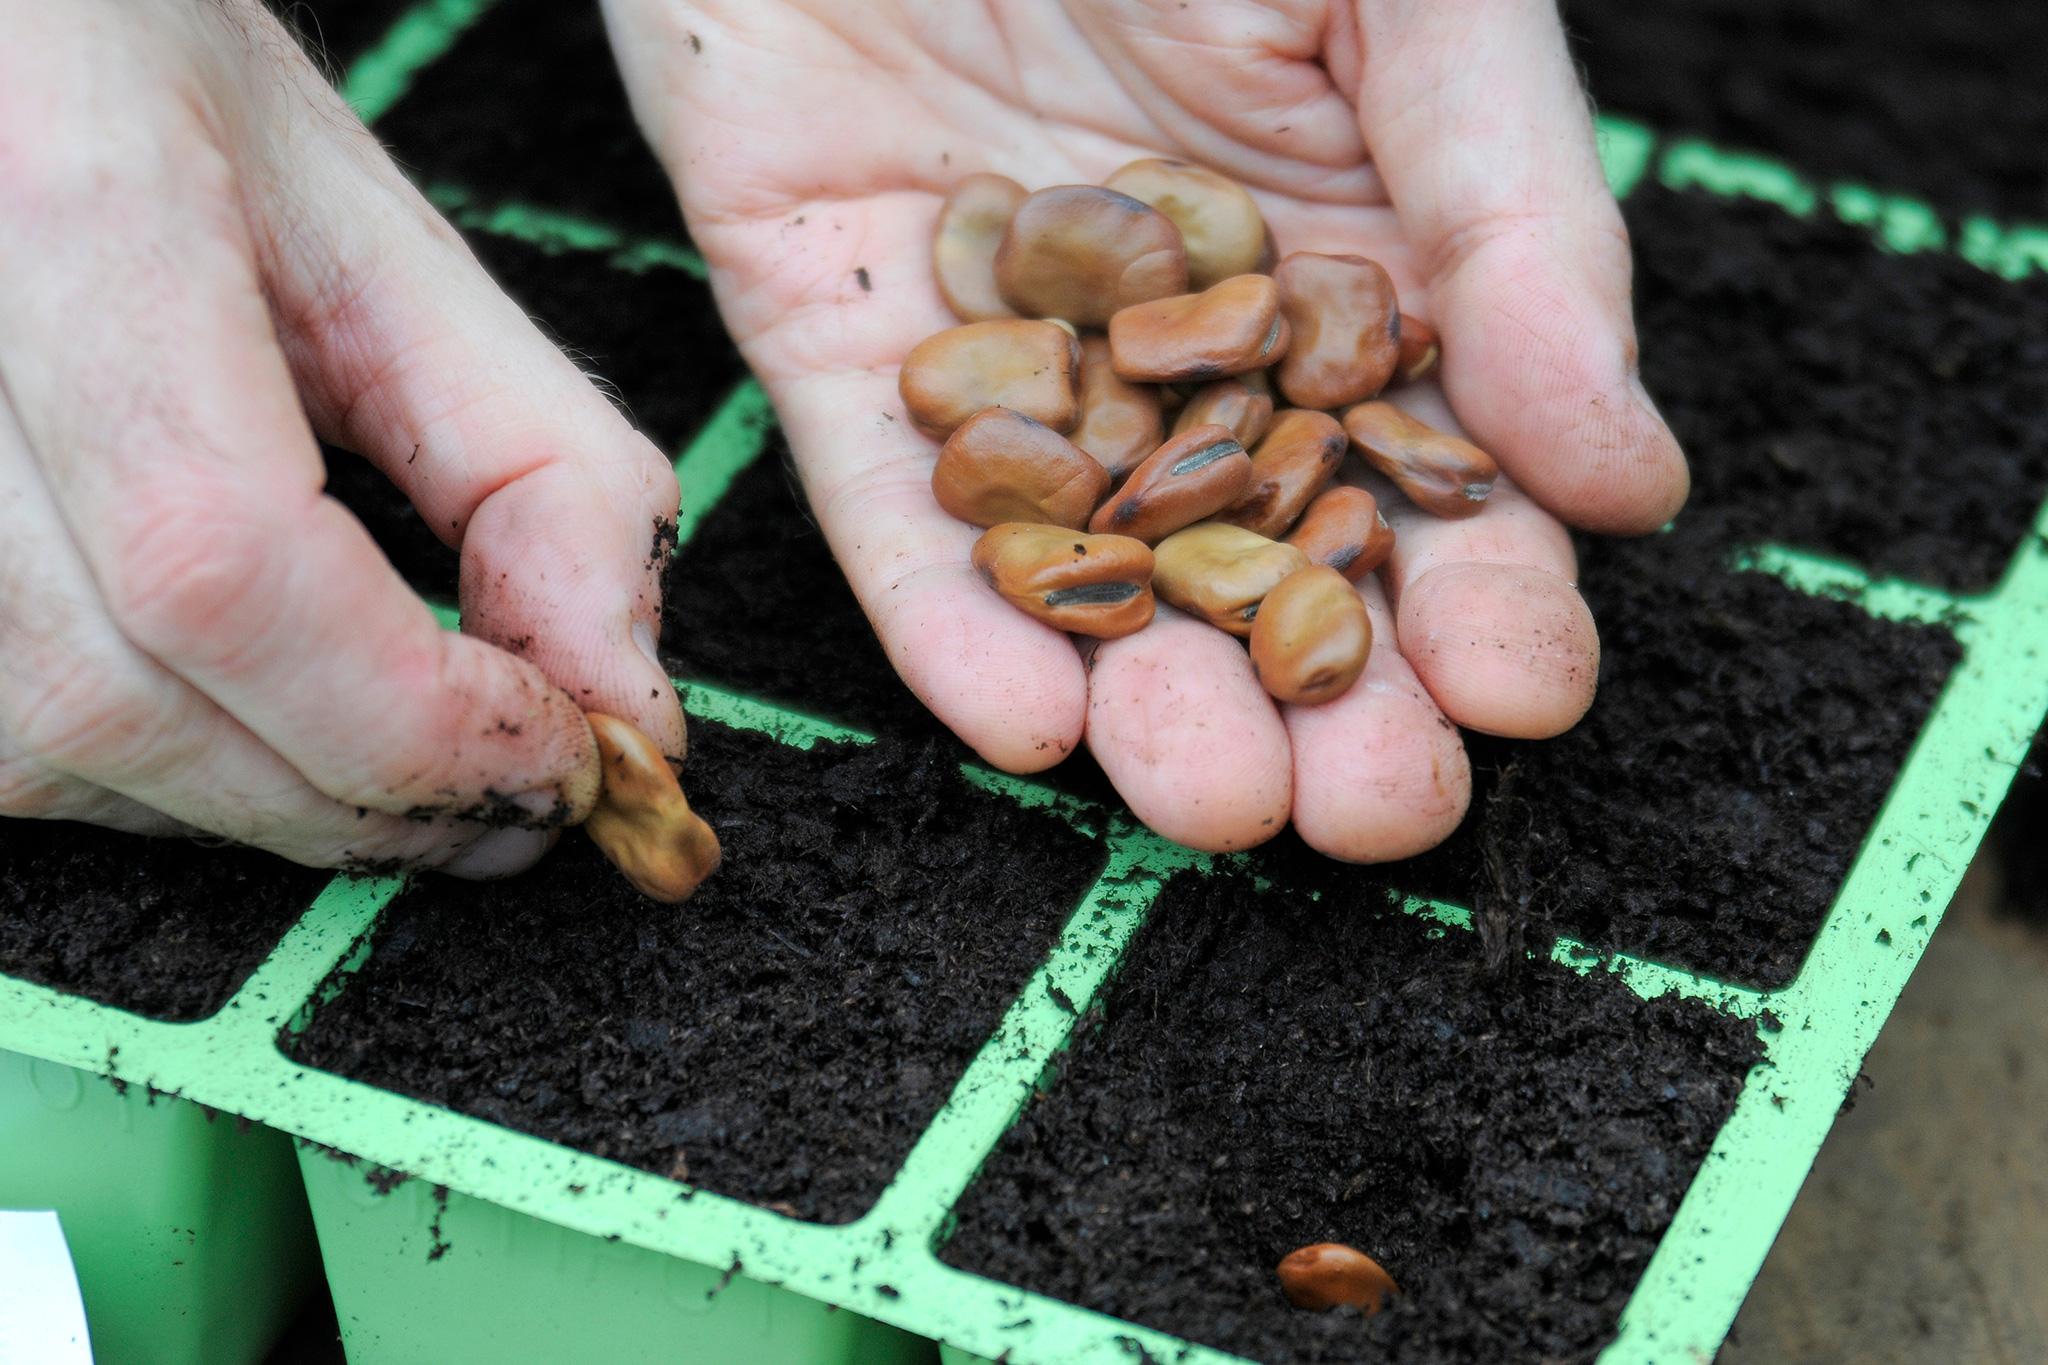 sowing-broad-bean-seeds-2